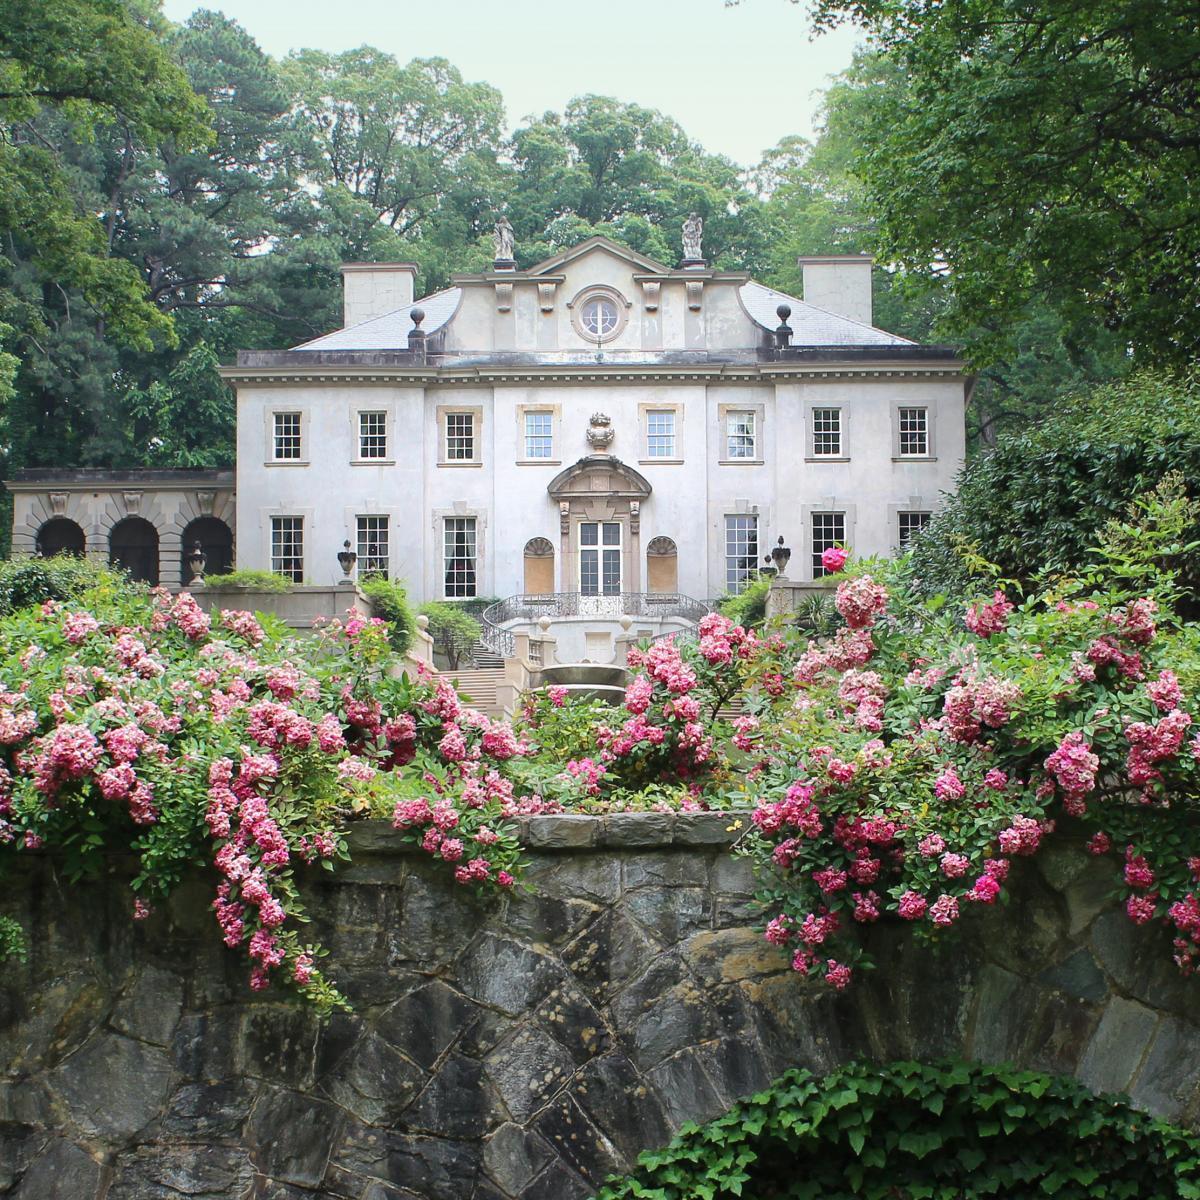 Swan House, Georgia via livesunique